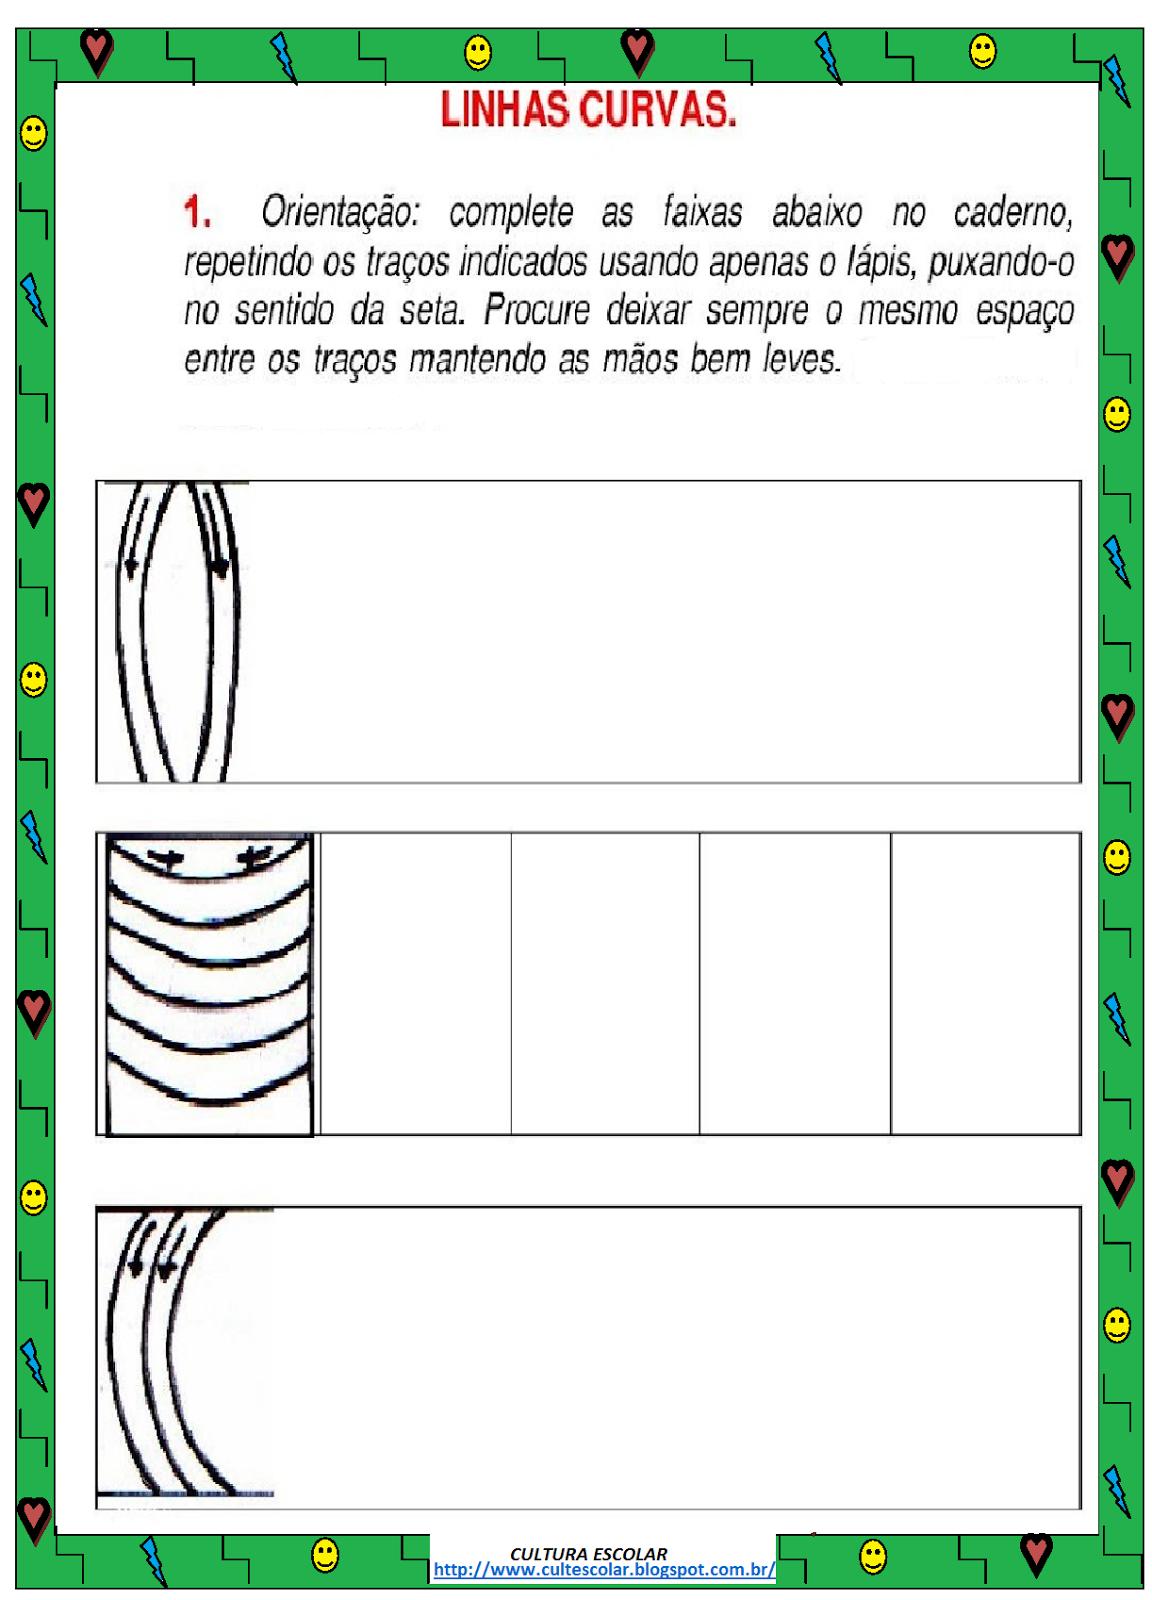 atividades de artes com linhas e formas 2 - Atividades de artes com linhas para aprendizado infantil